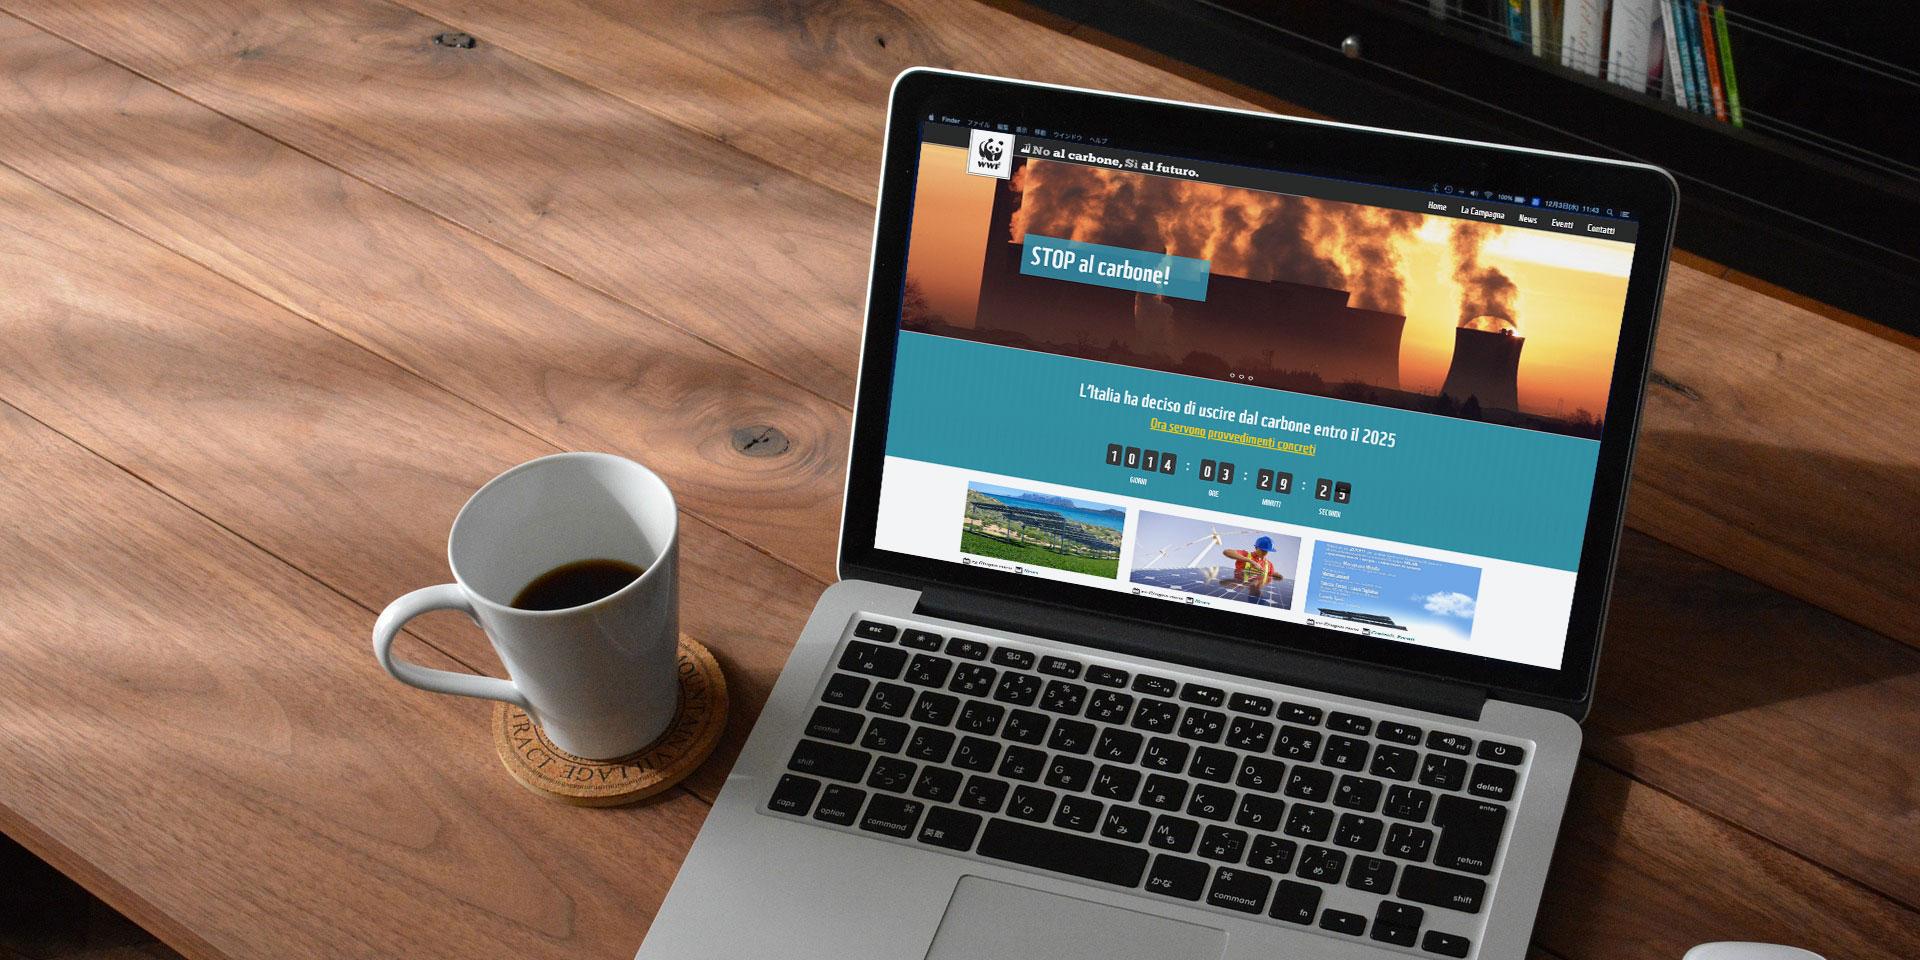 Realizzazione siti web Roma | Campagna WWF Stop Carbone!